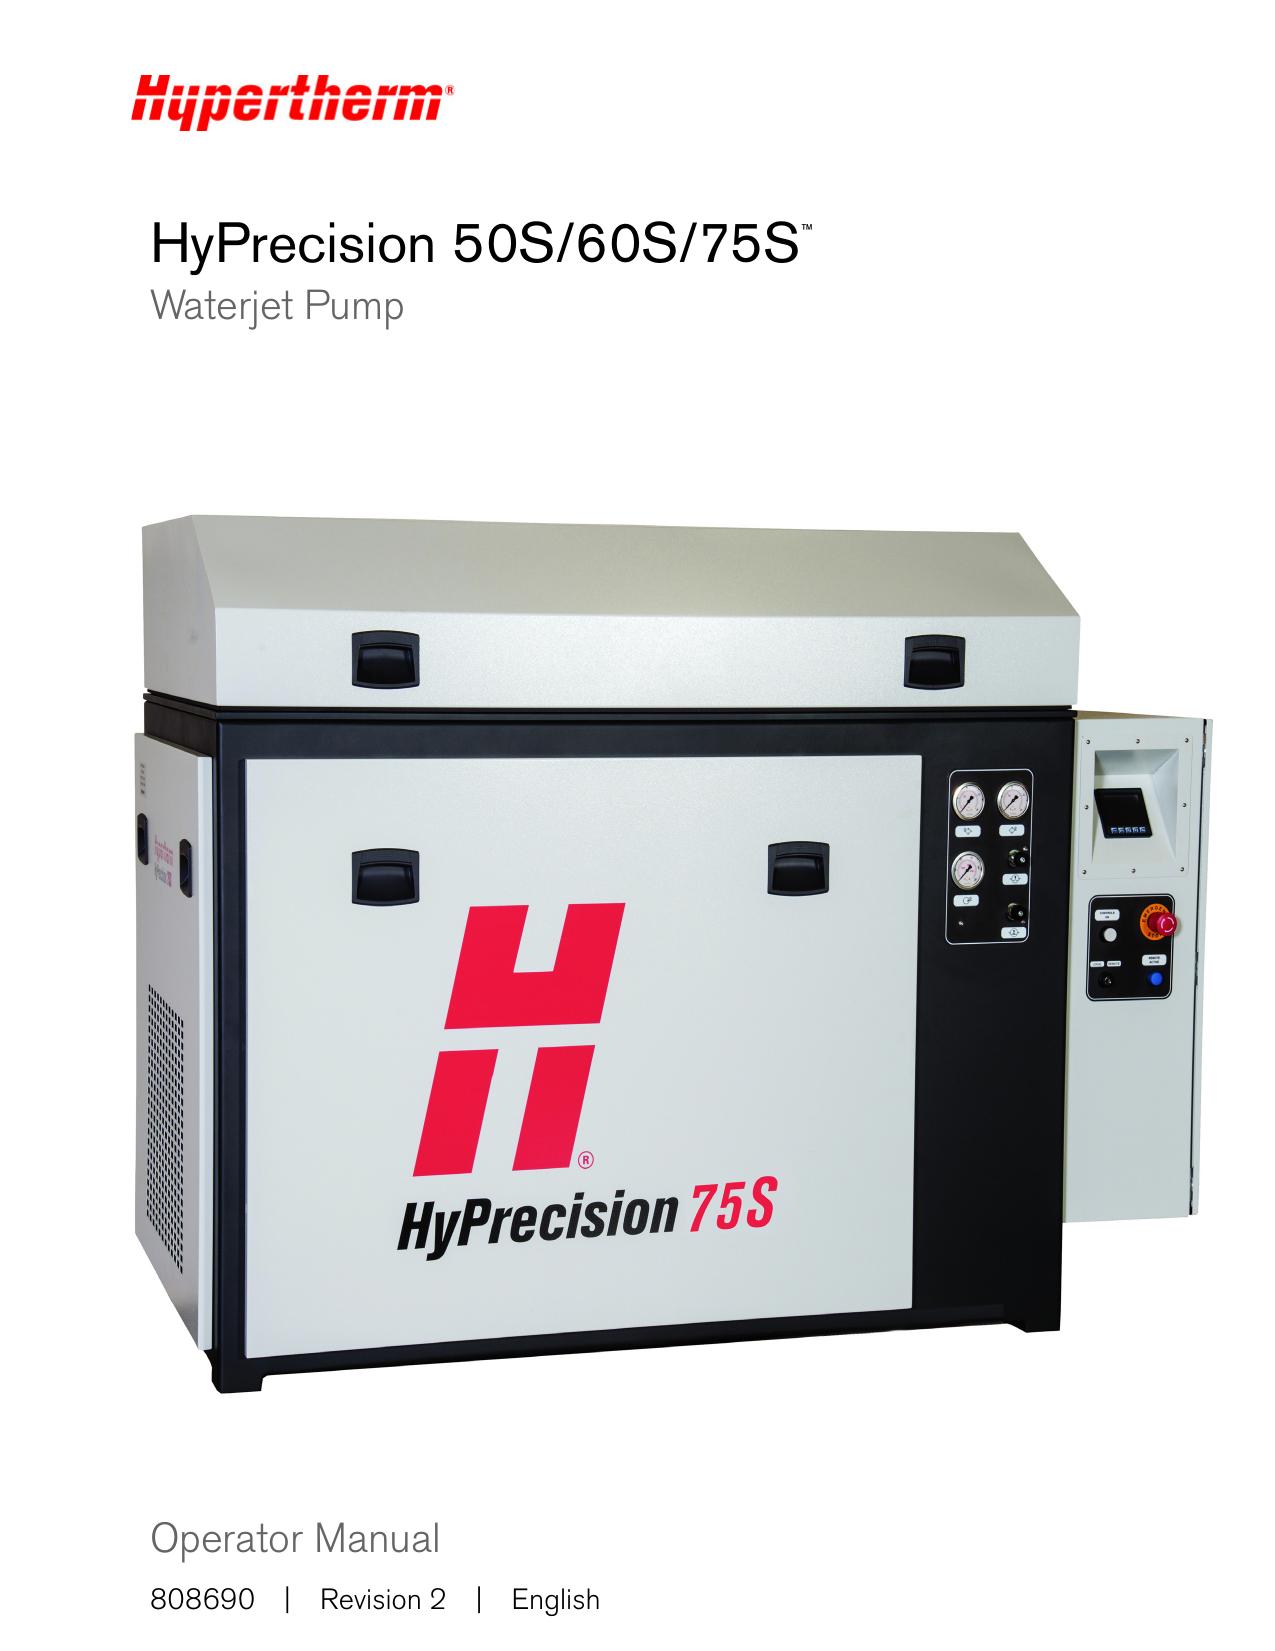 HyPrecision 50S/60S/75S   manualzz com